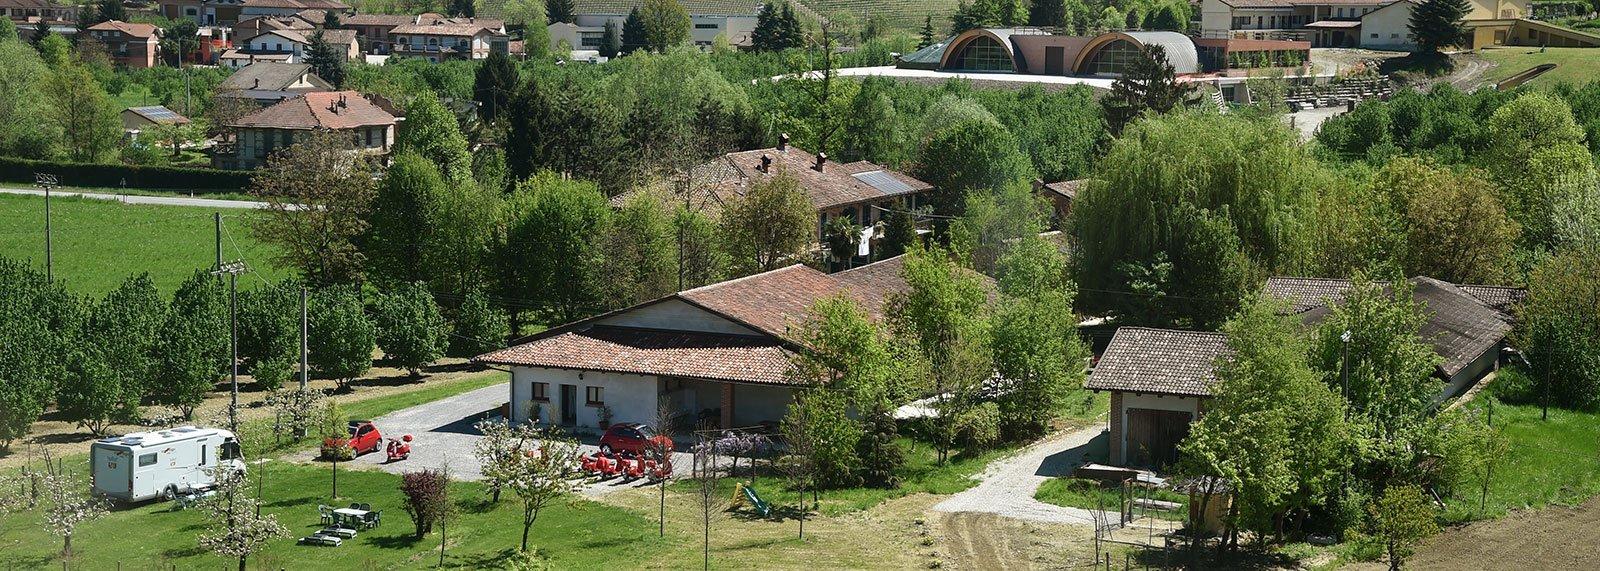 Prenota Agri-camping a La Morra - La Rosa nel borgo